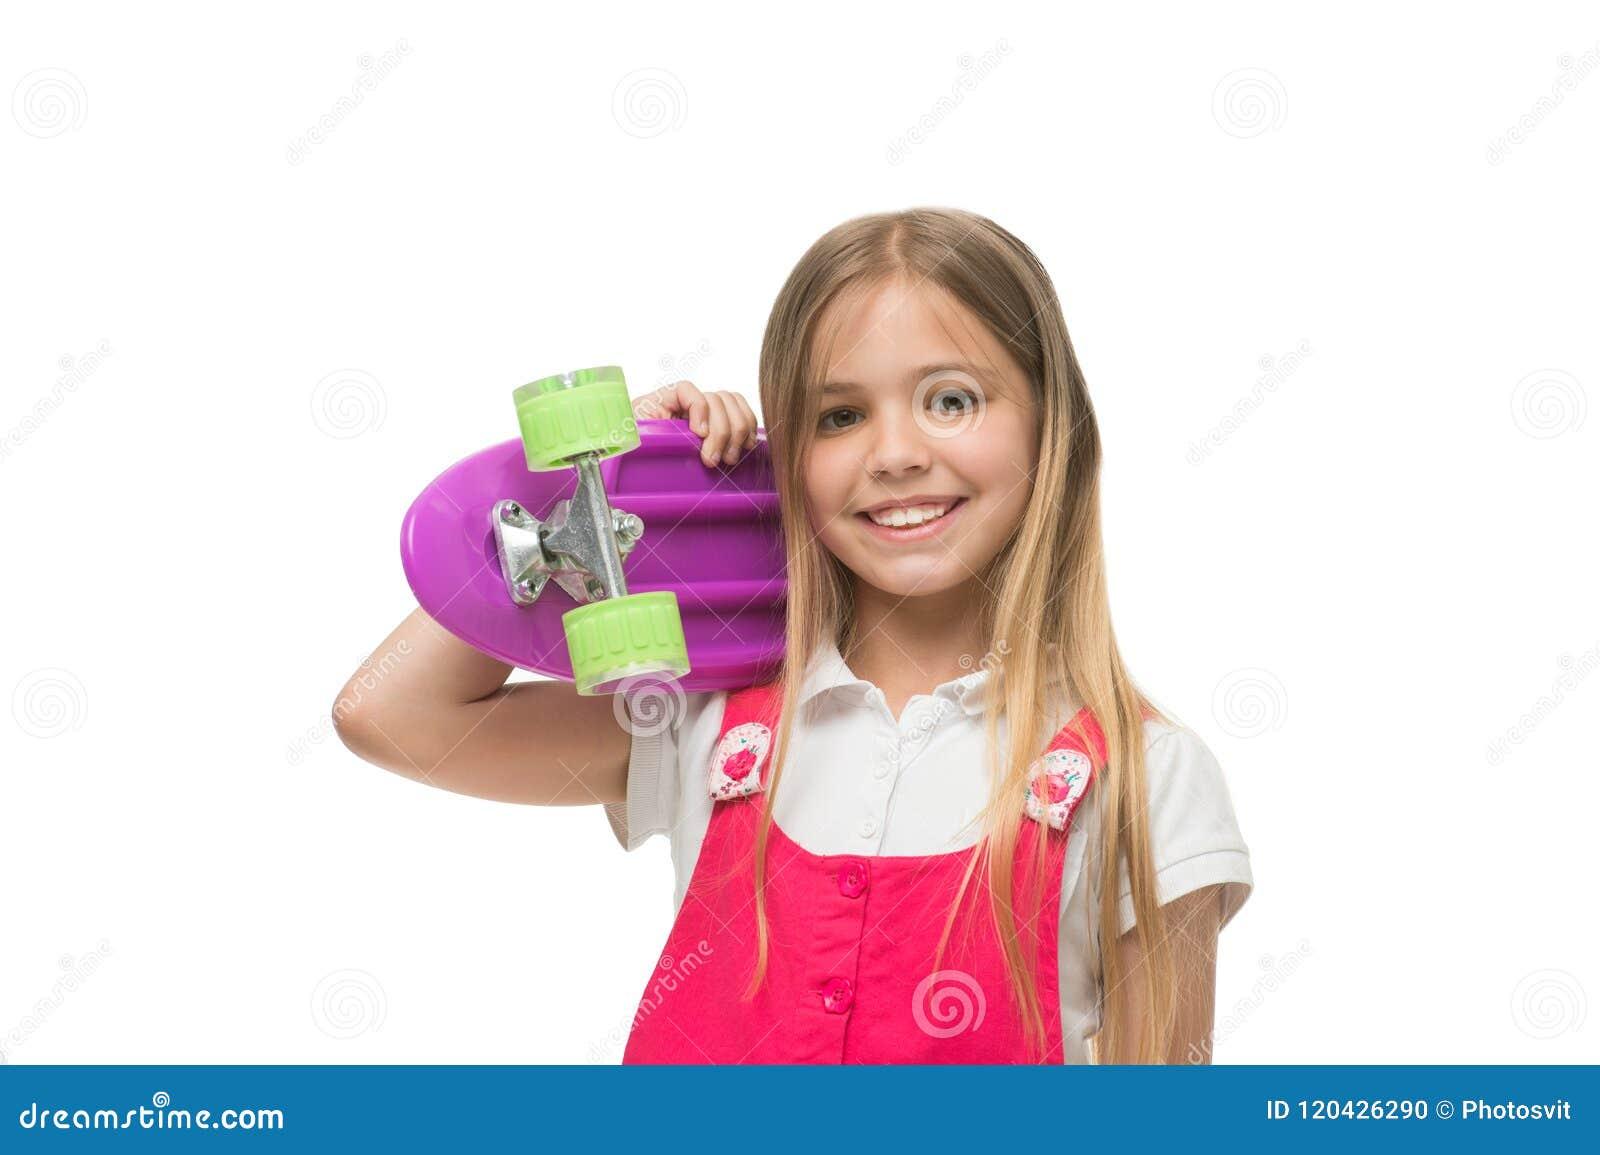 Lässt Fahrt Lächelndes Gesicht des Mädchens trägt Pennybrett auf Schulter lokalisiertem weißem Hintergrund Ursprünglich entworfen